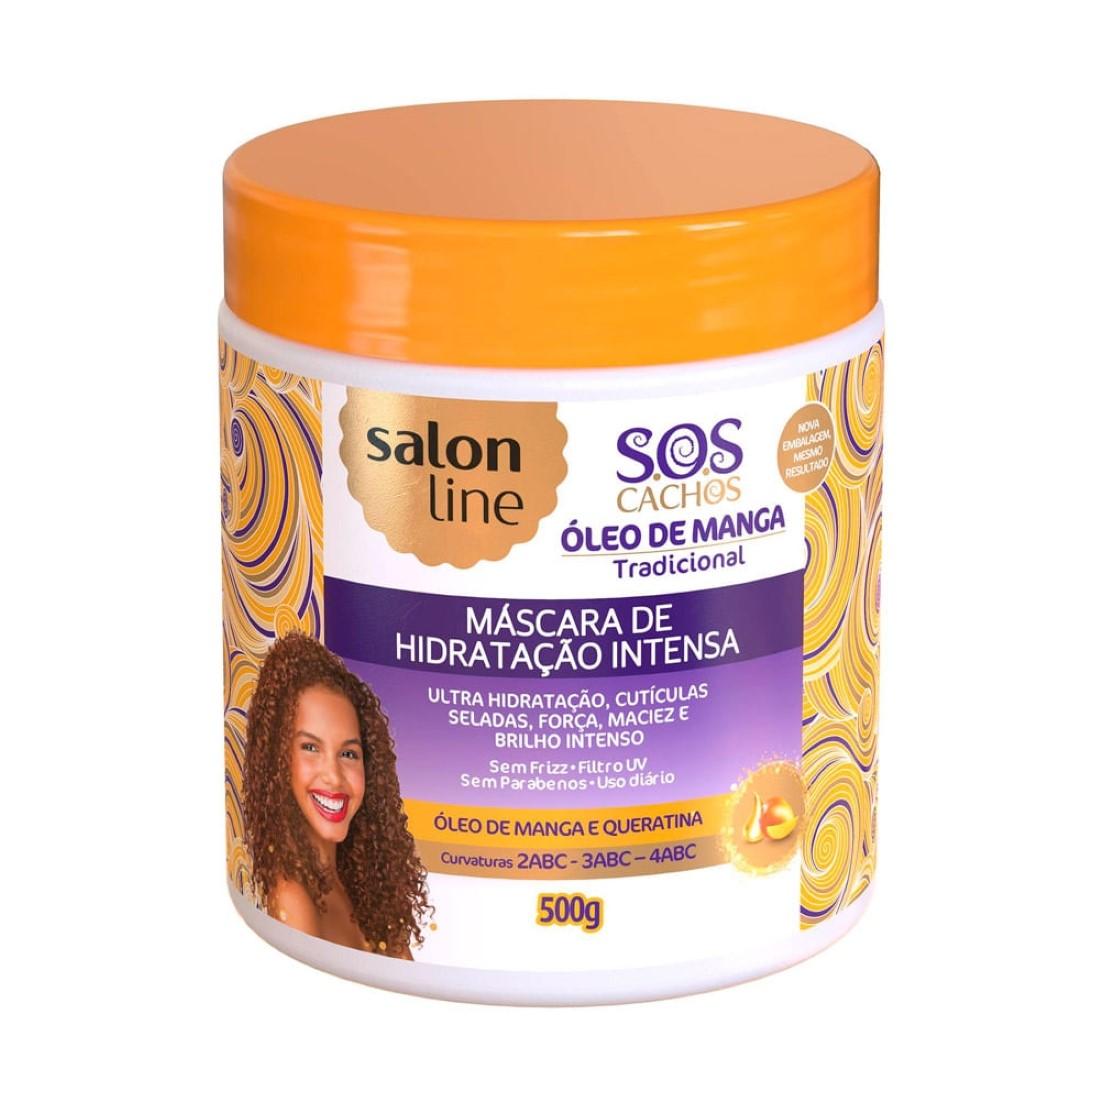 Máscara De Hidratação Intensiva Cachos S.O.S 500g- Salon Line